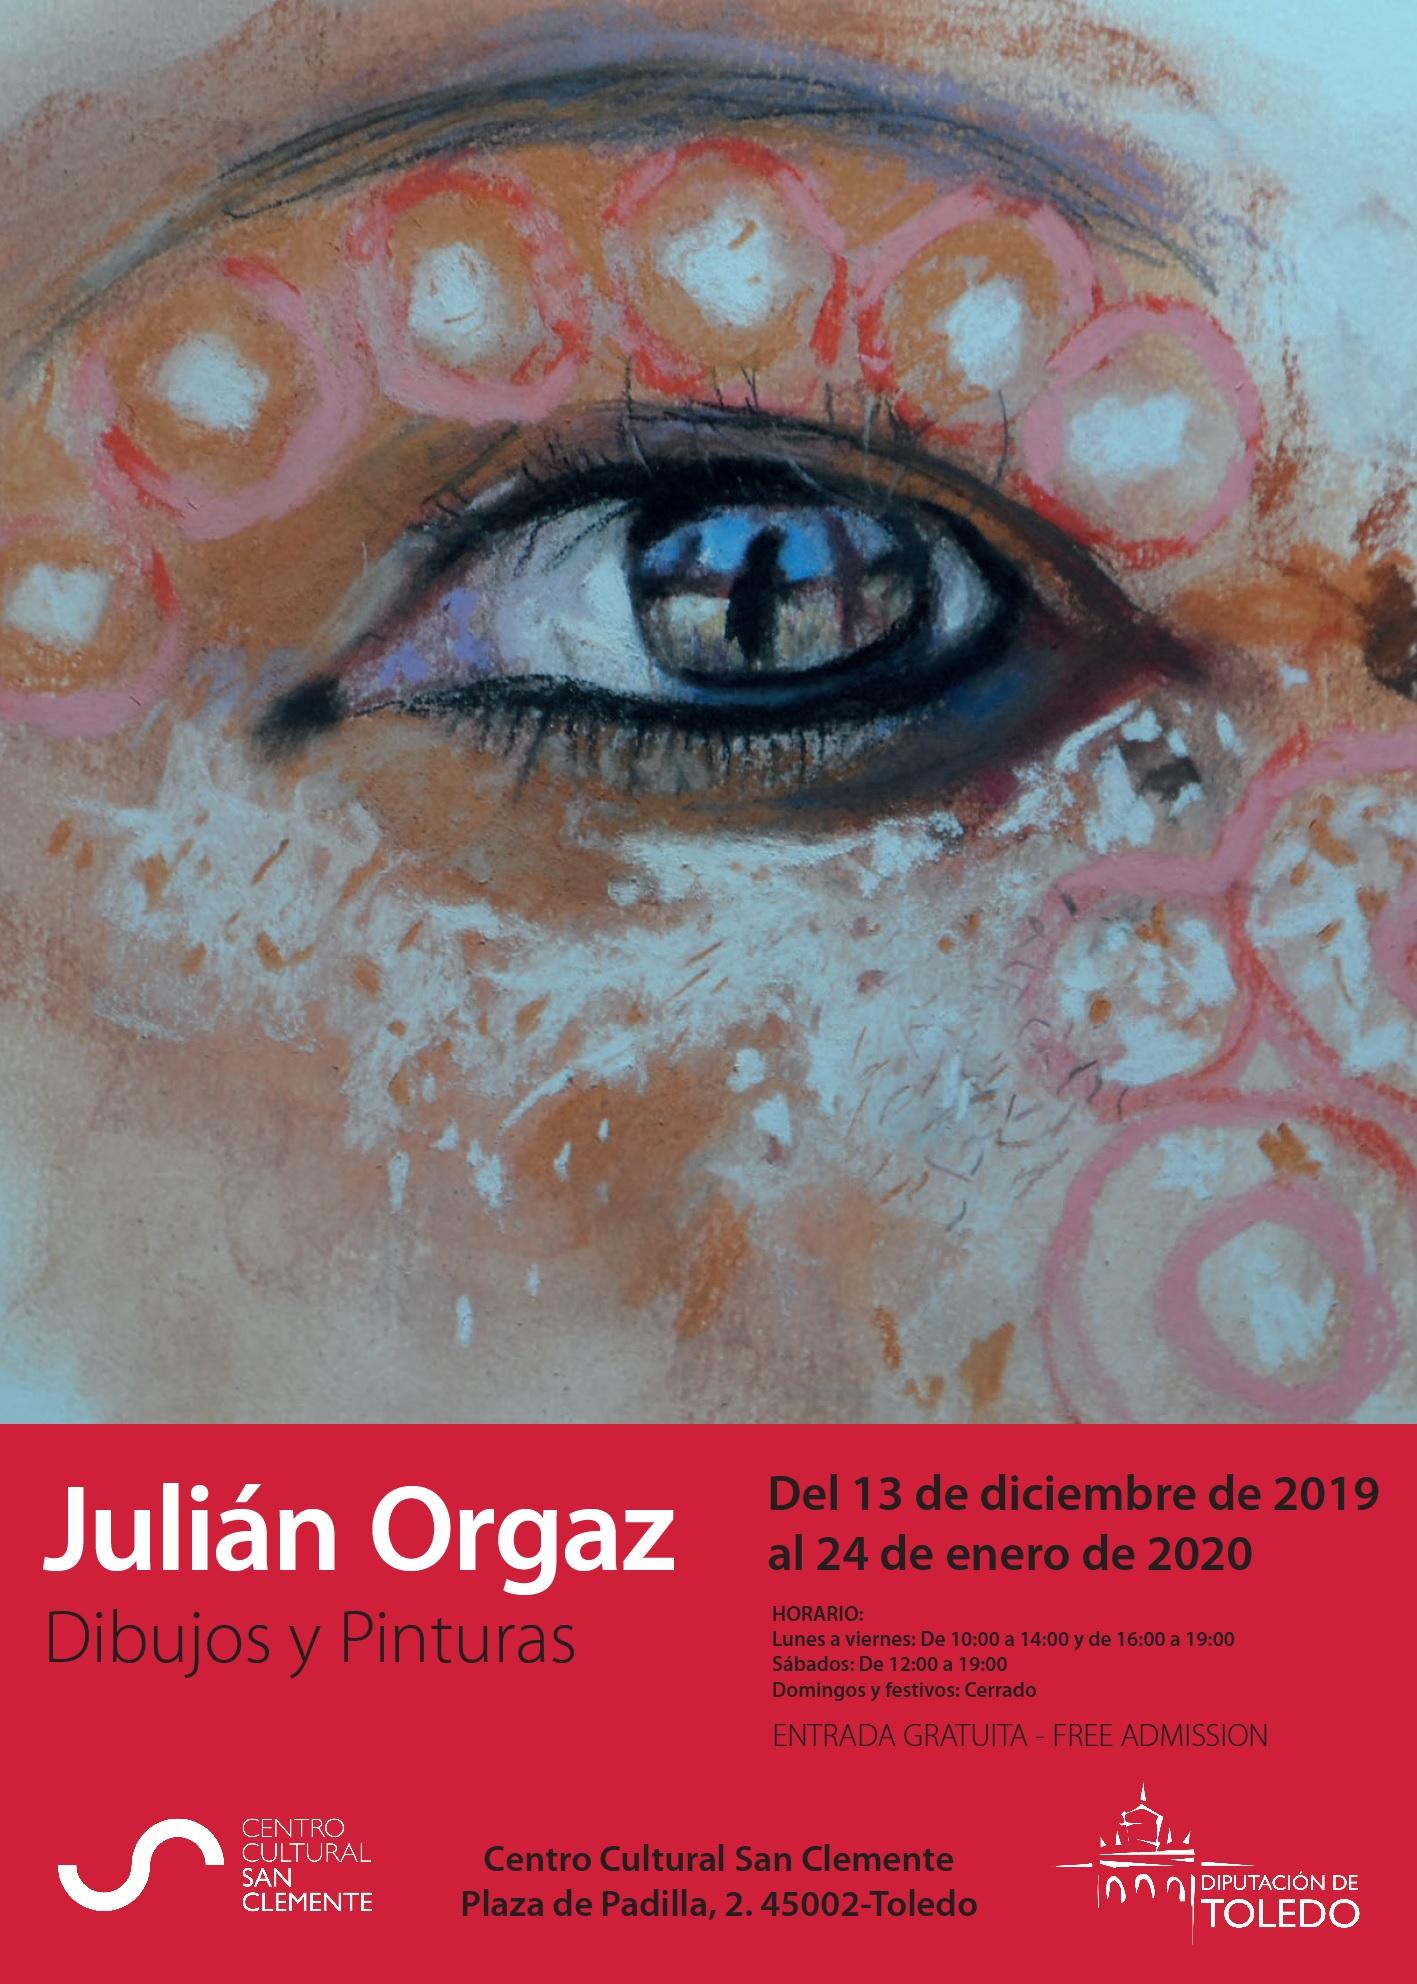 Julián Orgaz